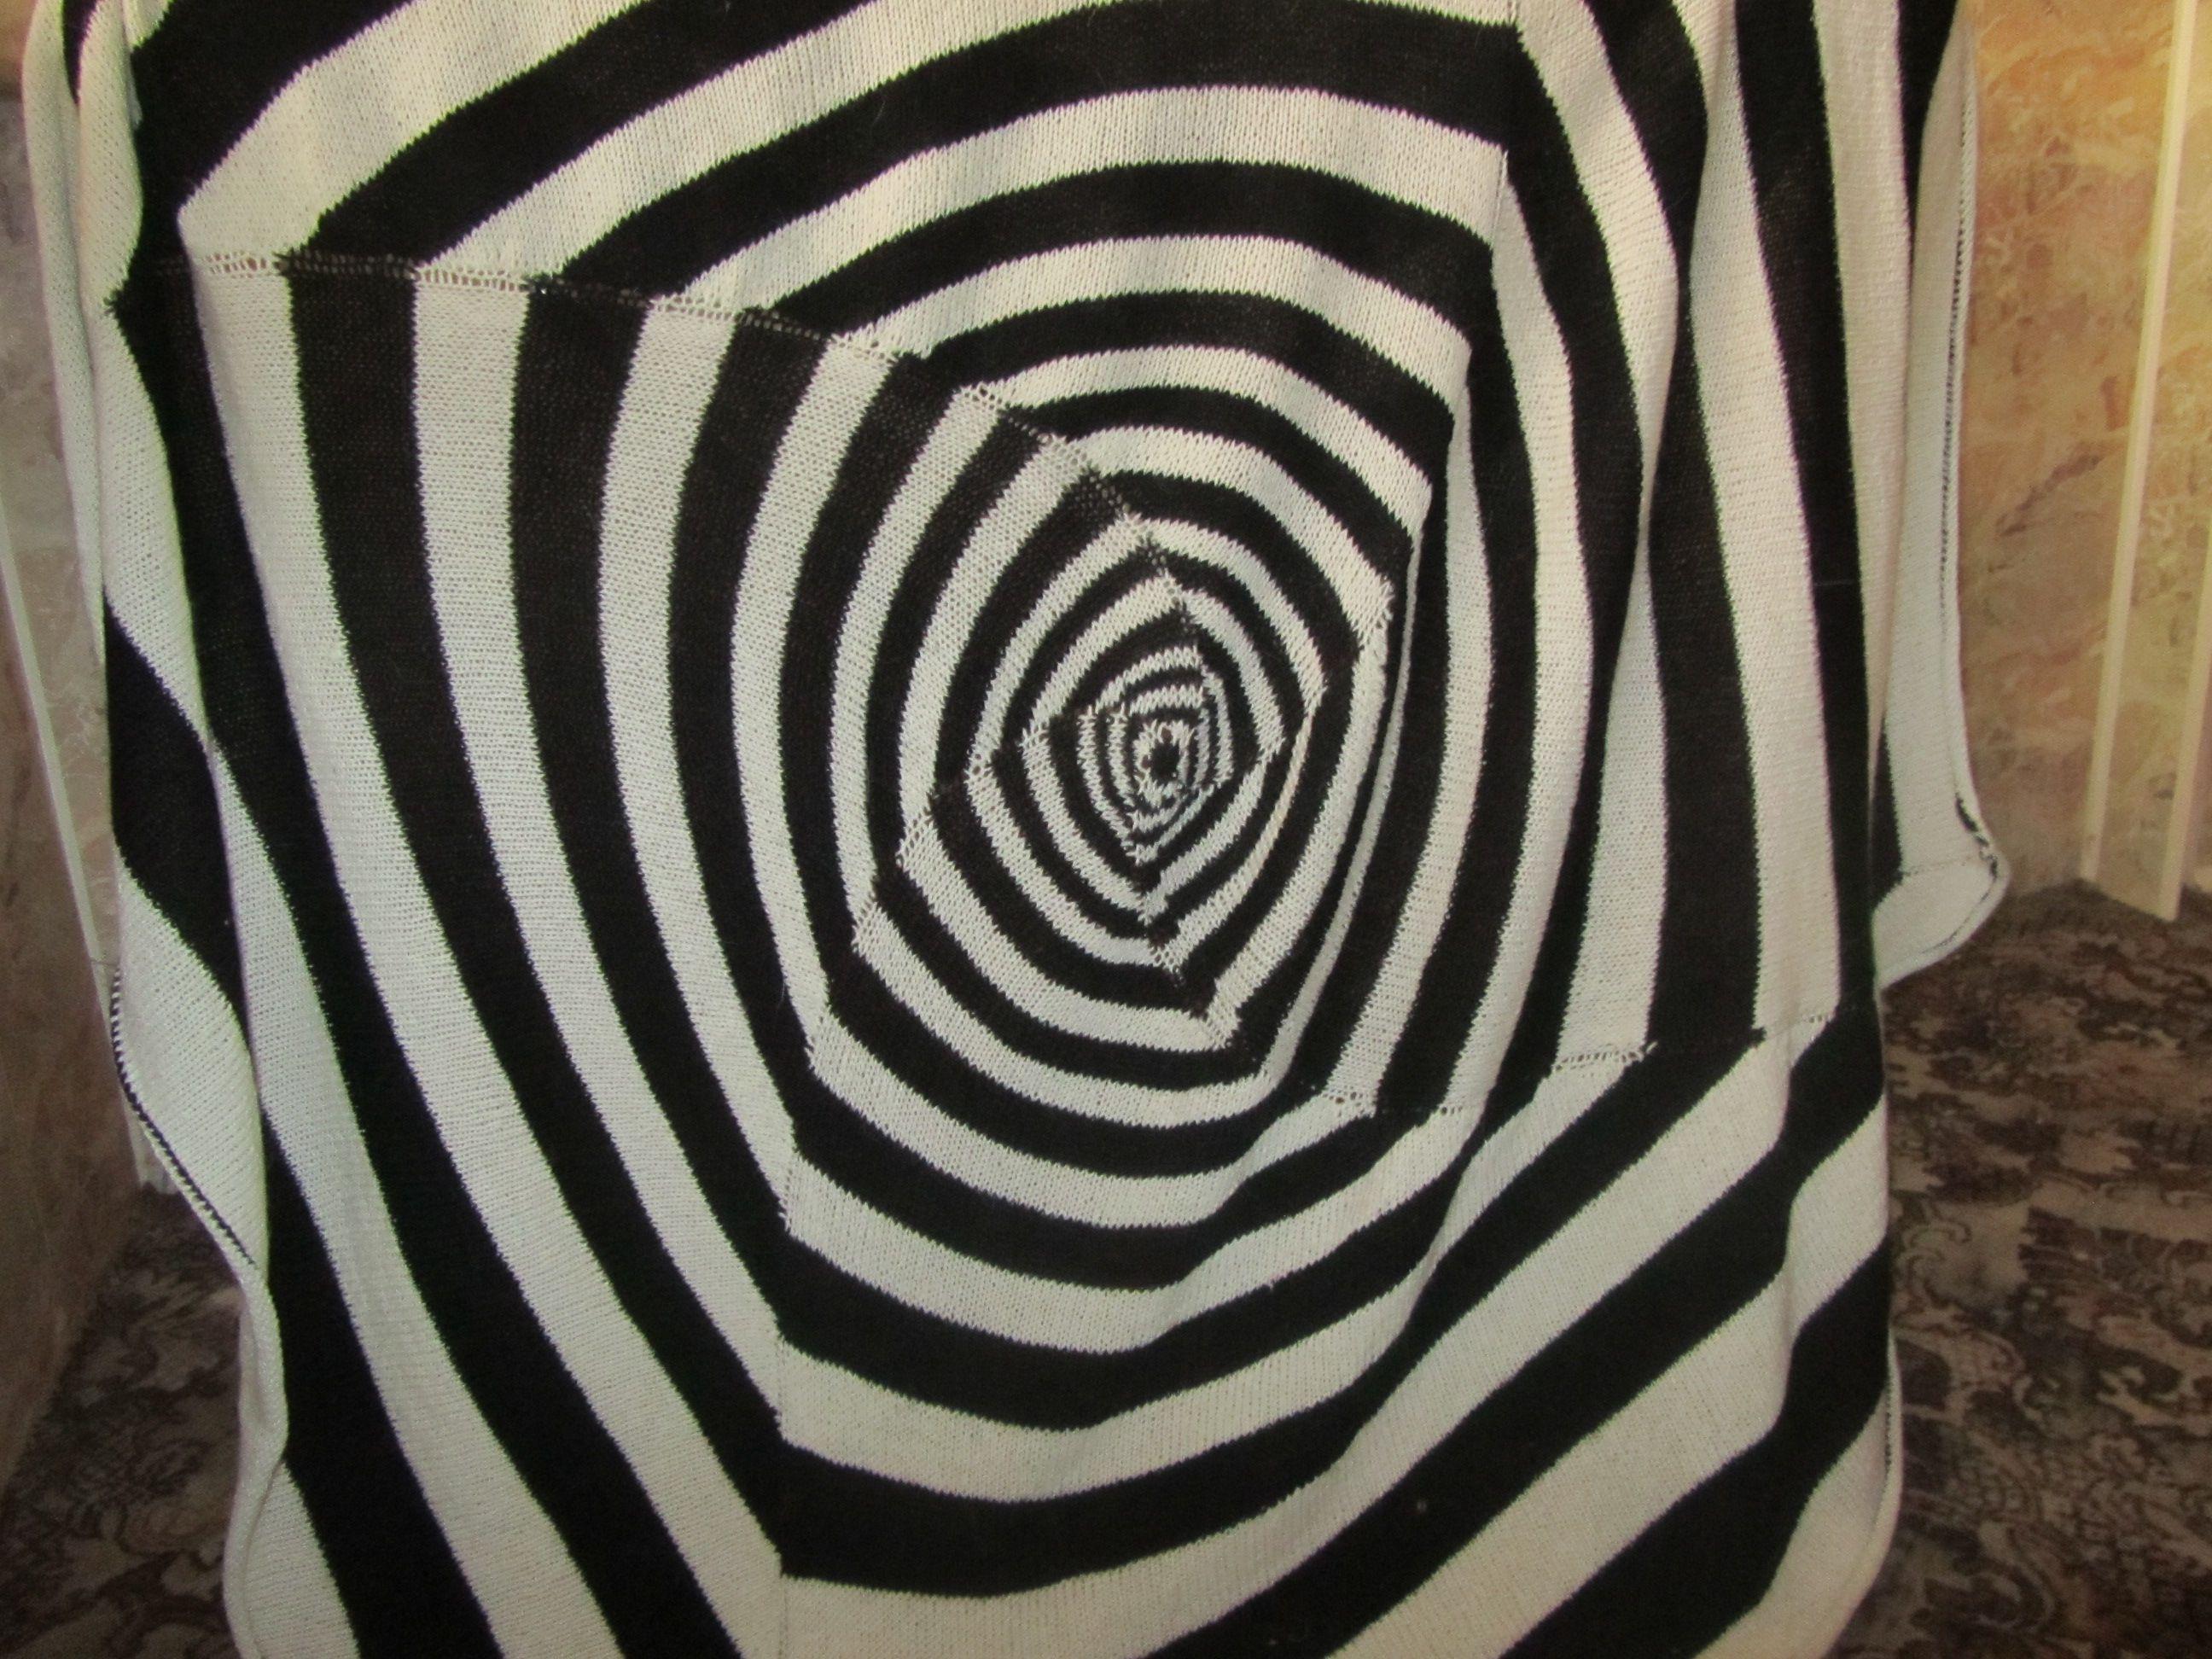 движение полоски иллюзия случай чёрно-белый спицами диван любой сессий доме фото вязаный вязание для в интерьер дизайн белый детский мужчине покрывало плед на черный подарок уют